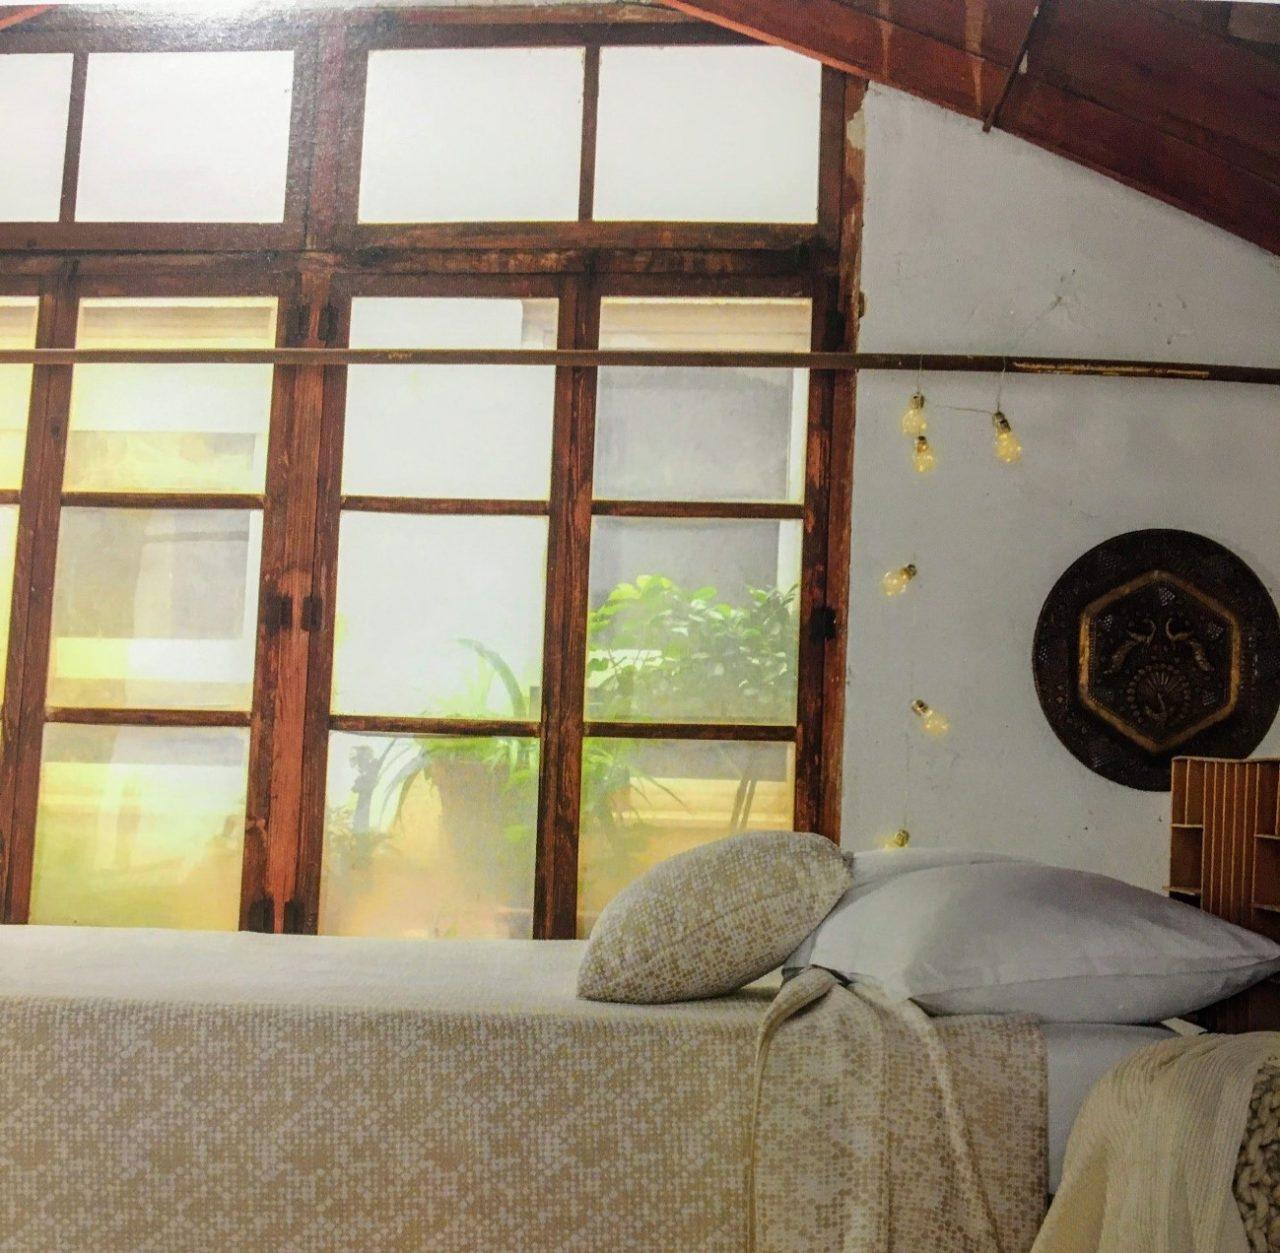 Las ventanas son lo más importante a la hora de elegir cortinas